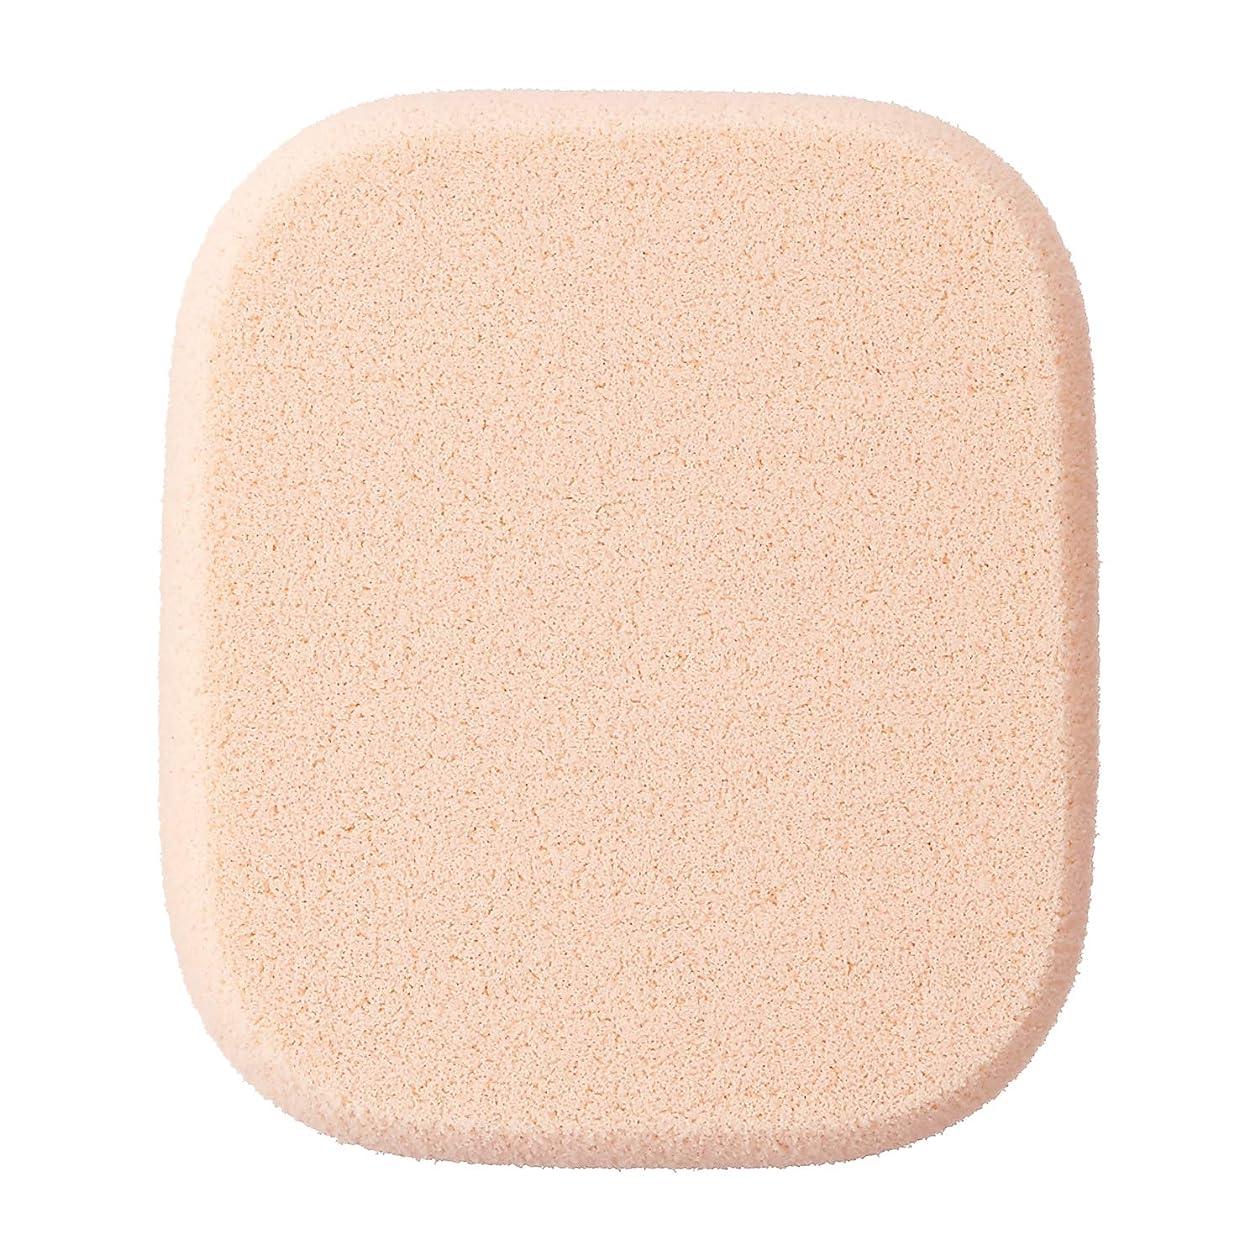 壁吸収剤ドライバエスプリーク エクラ パウダーファンデーション用 スポンジ 1個